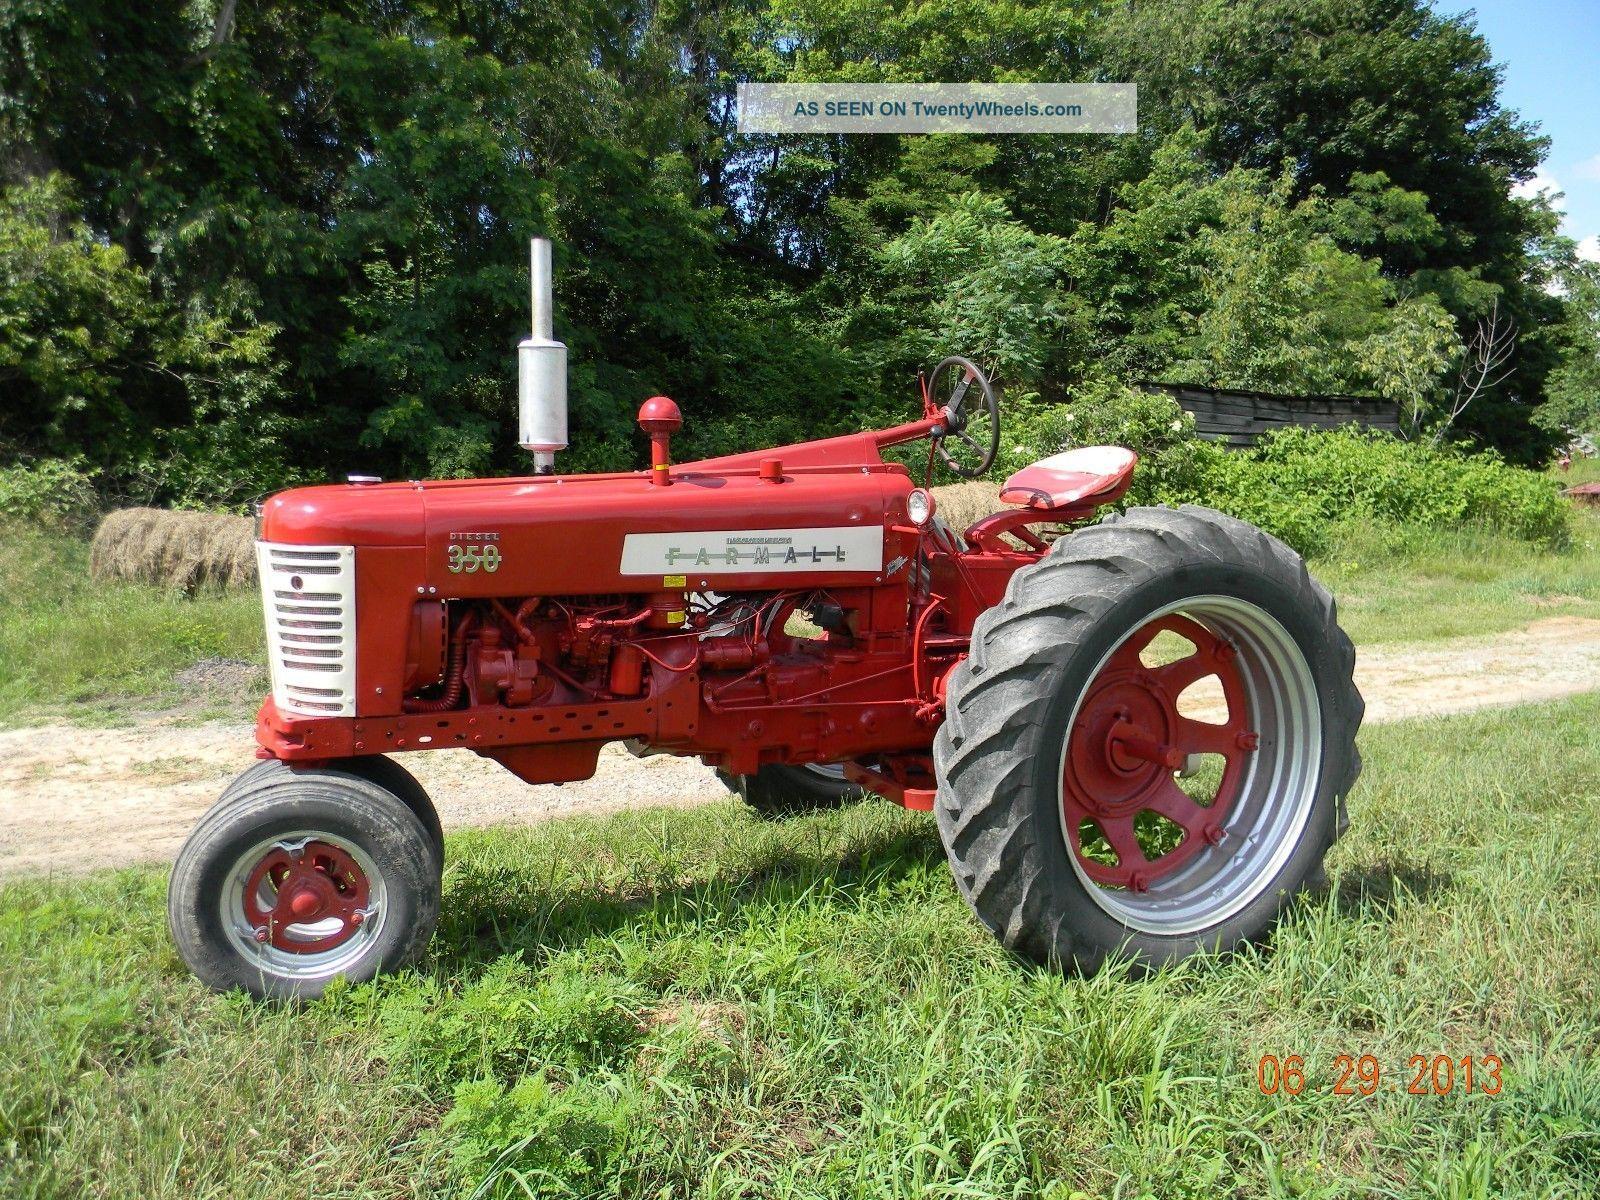 1954 Farmall Mts Diesel & 1957 Farmall 350 Diesel Tractor